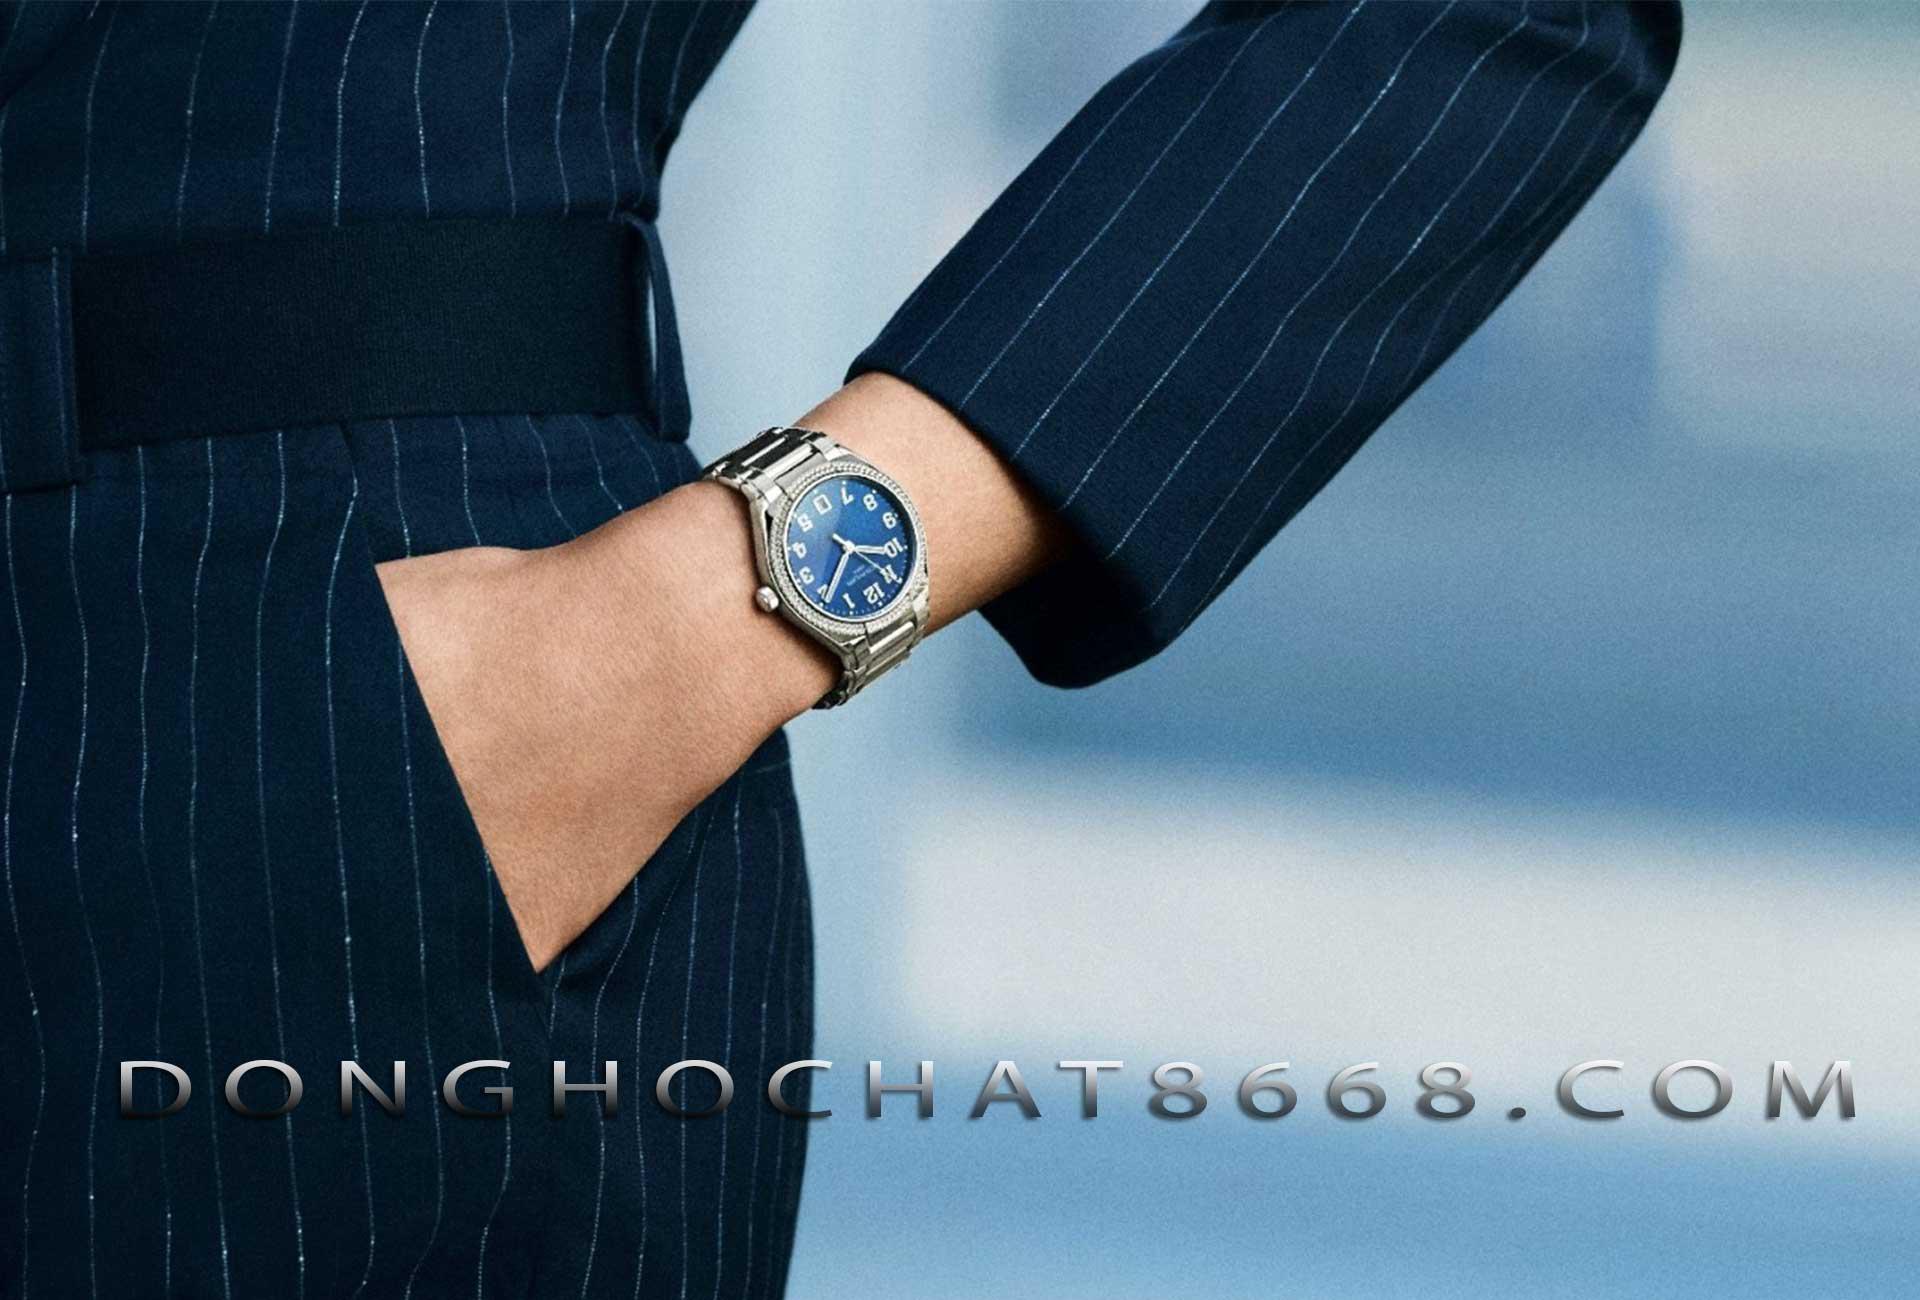 Đồng hồ nữ Patek Philippe đơn giản